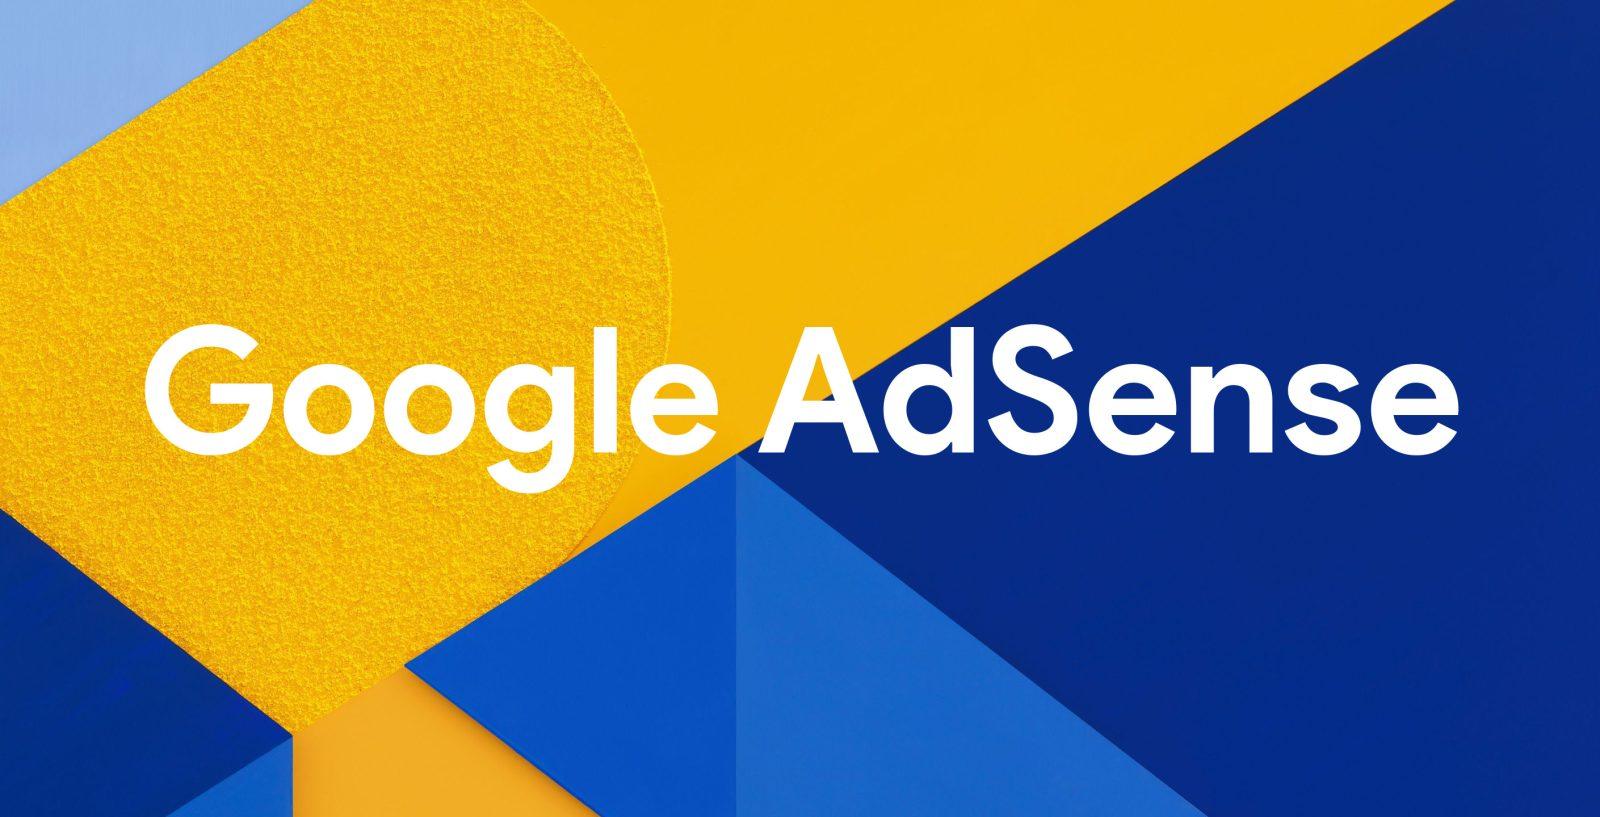 Bạn sẽ kiếm được bao nhiêu tiền từ Google Adsense?